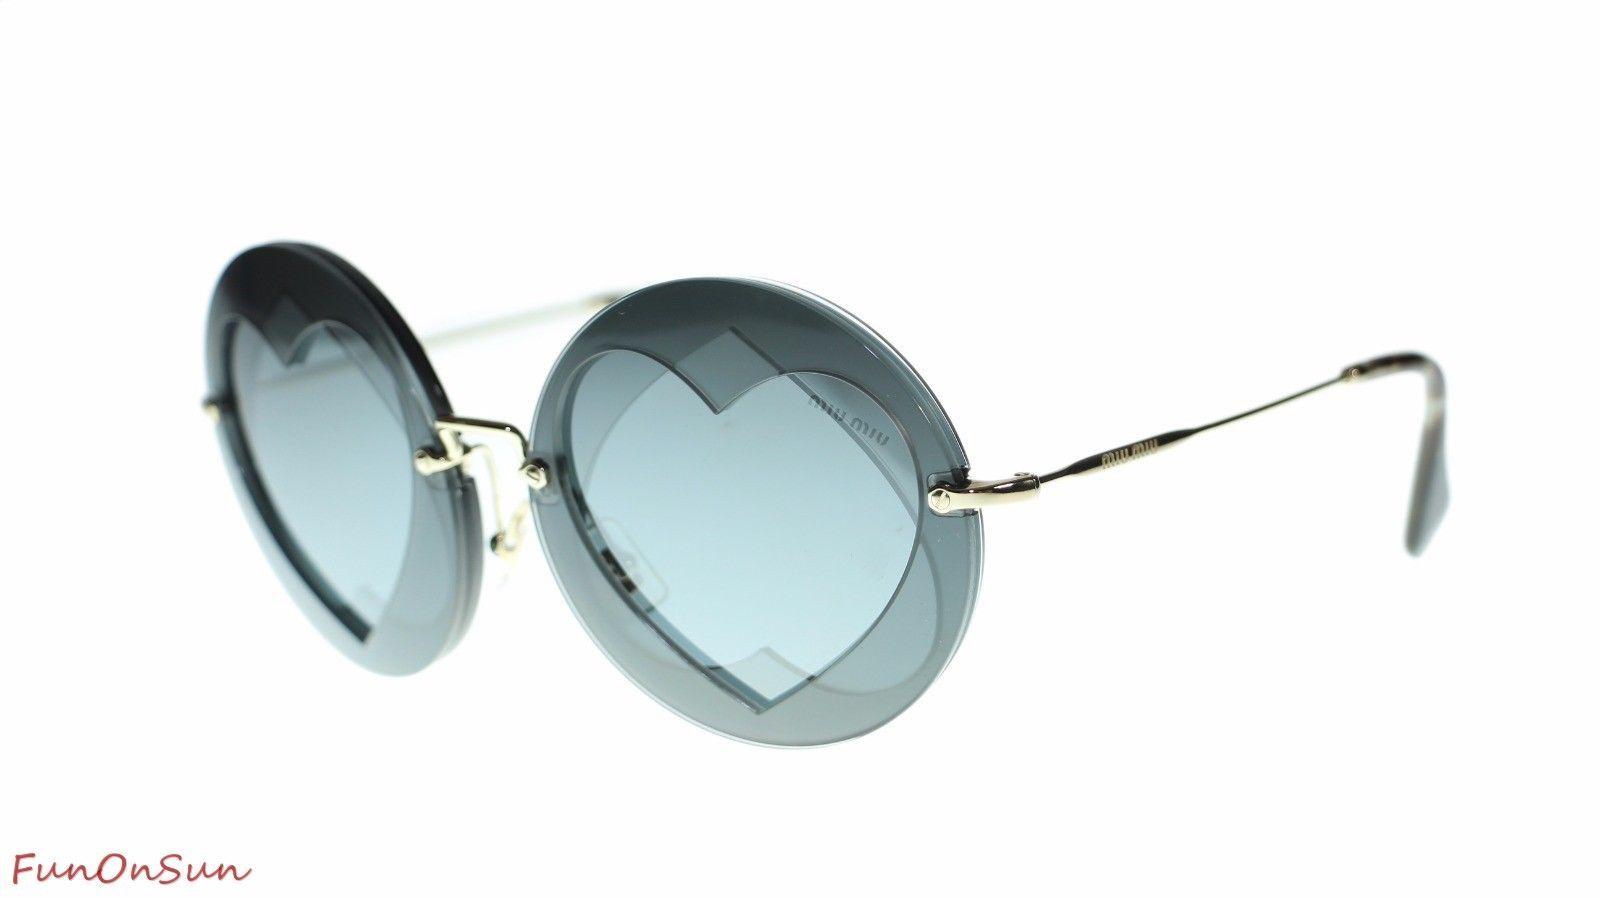 78385395860f Miu Miu Women's Sunglasses MU01SS VA35LO and 50 similar items. S l1600